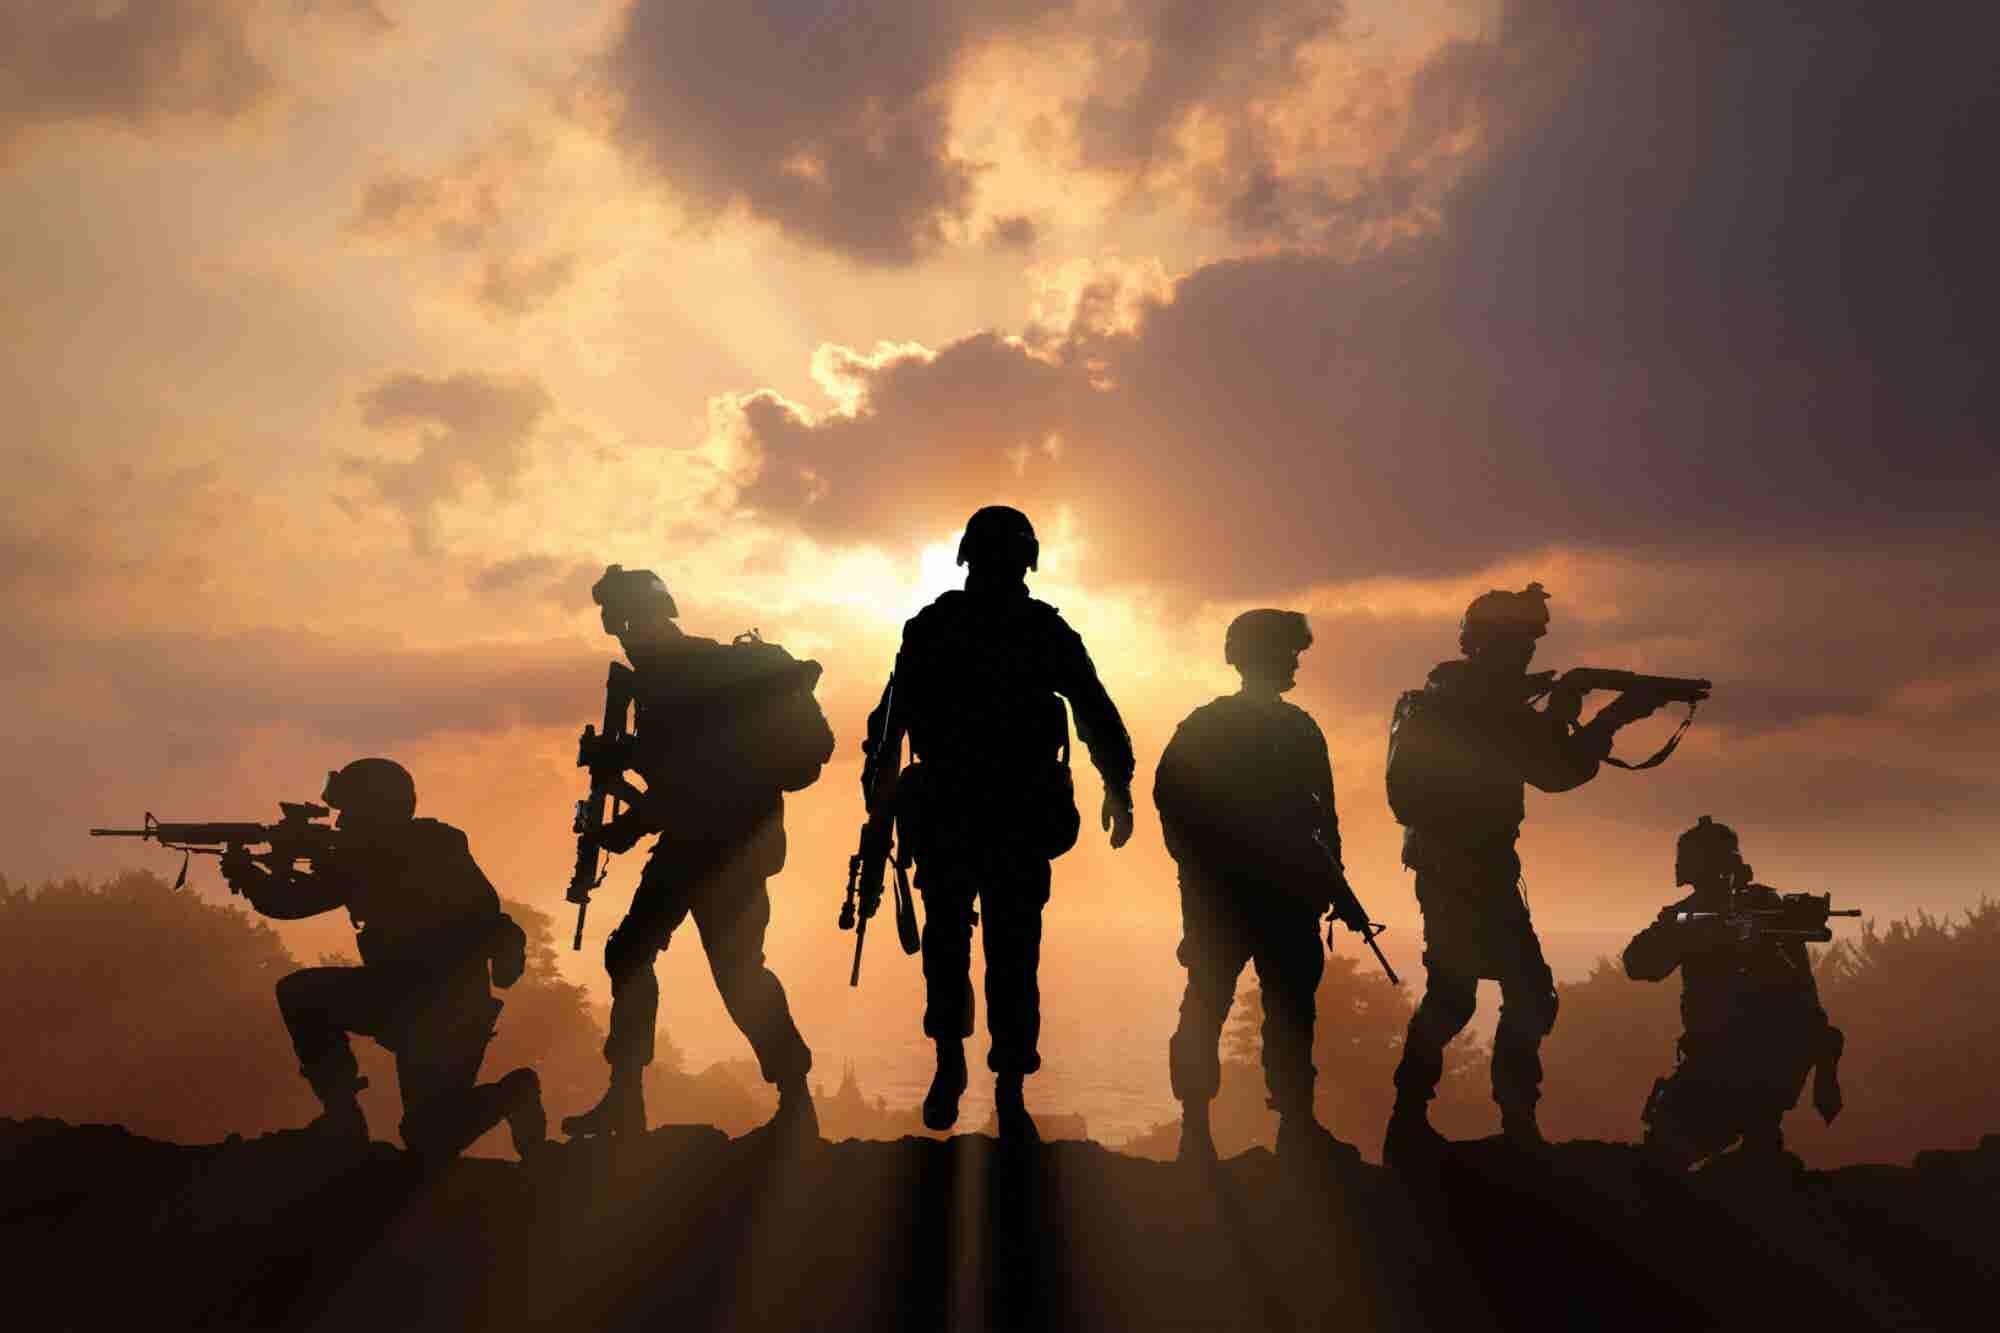 Imprescindible que el ejército tome el liderazgo en la guardia nacional